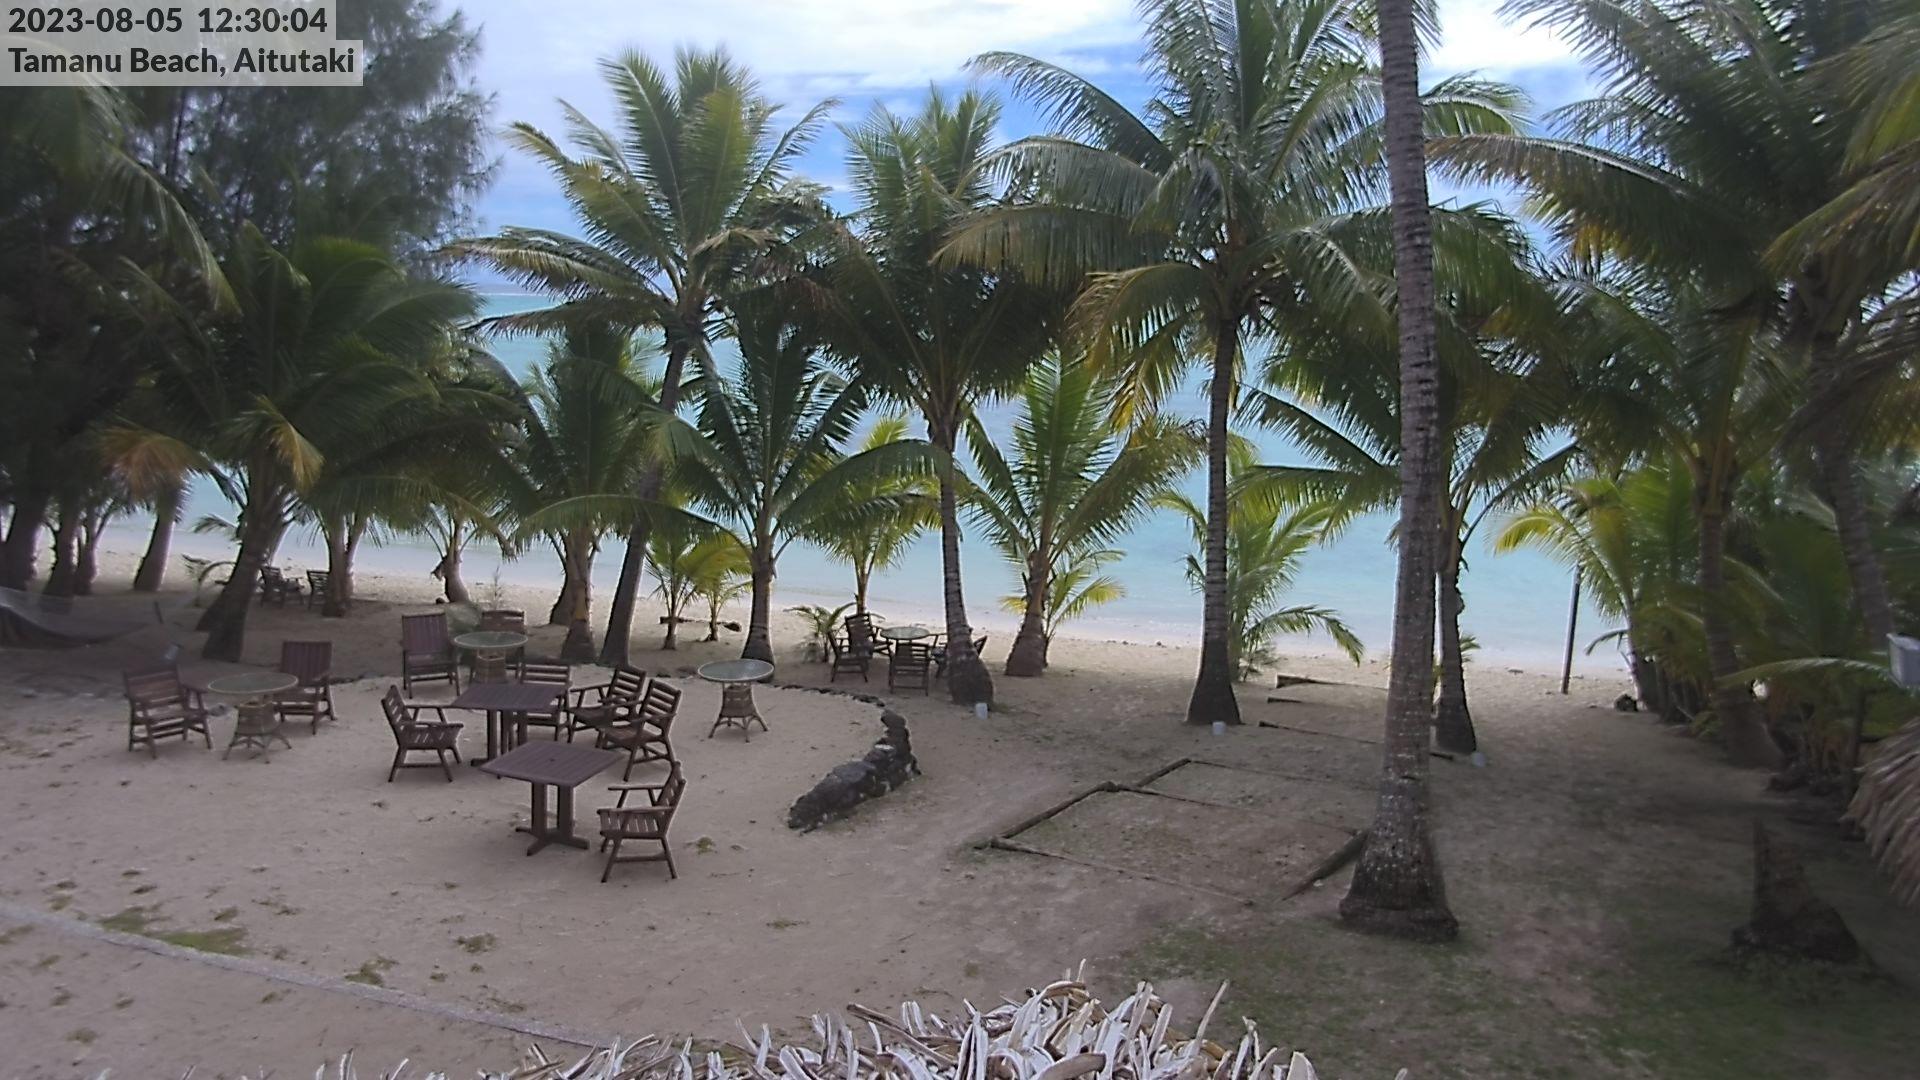 Aitutaki Web Cam